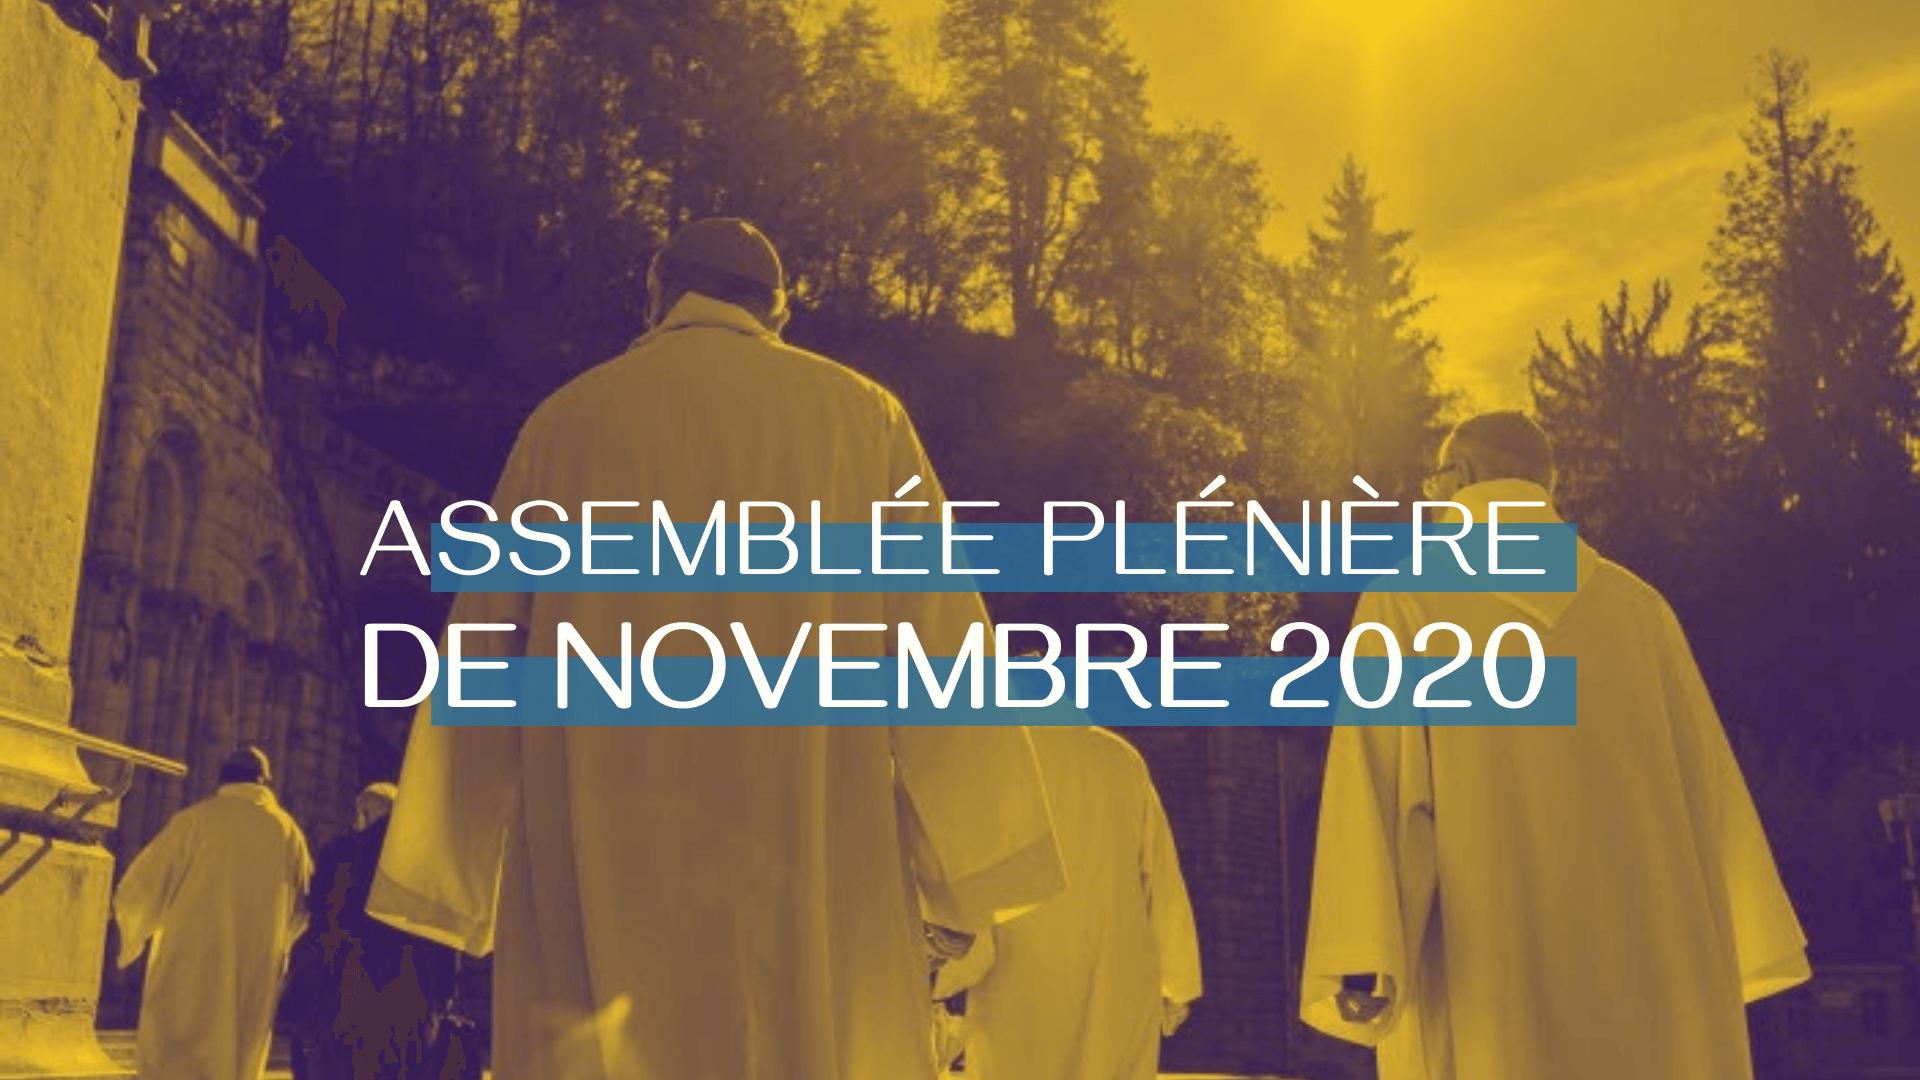 AP Lourdes Nov 2020 - 1920x1080